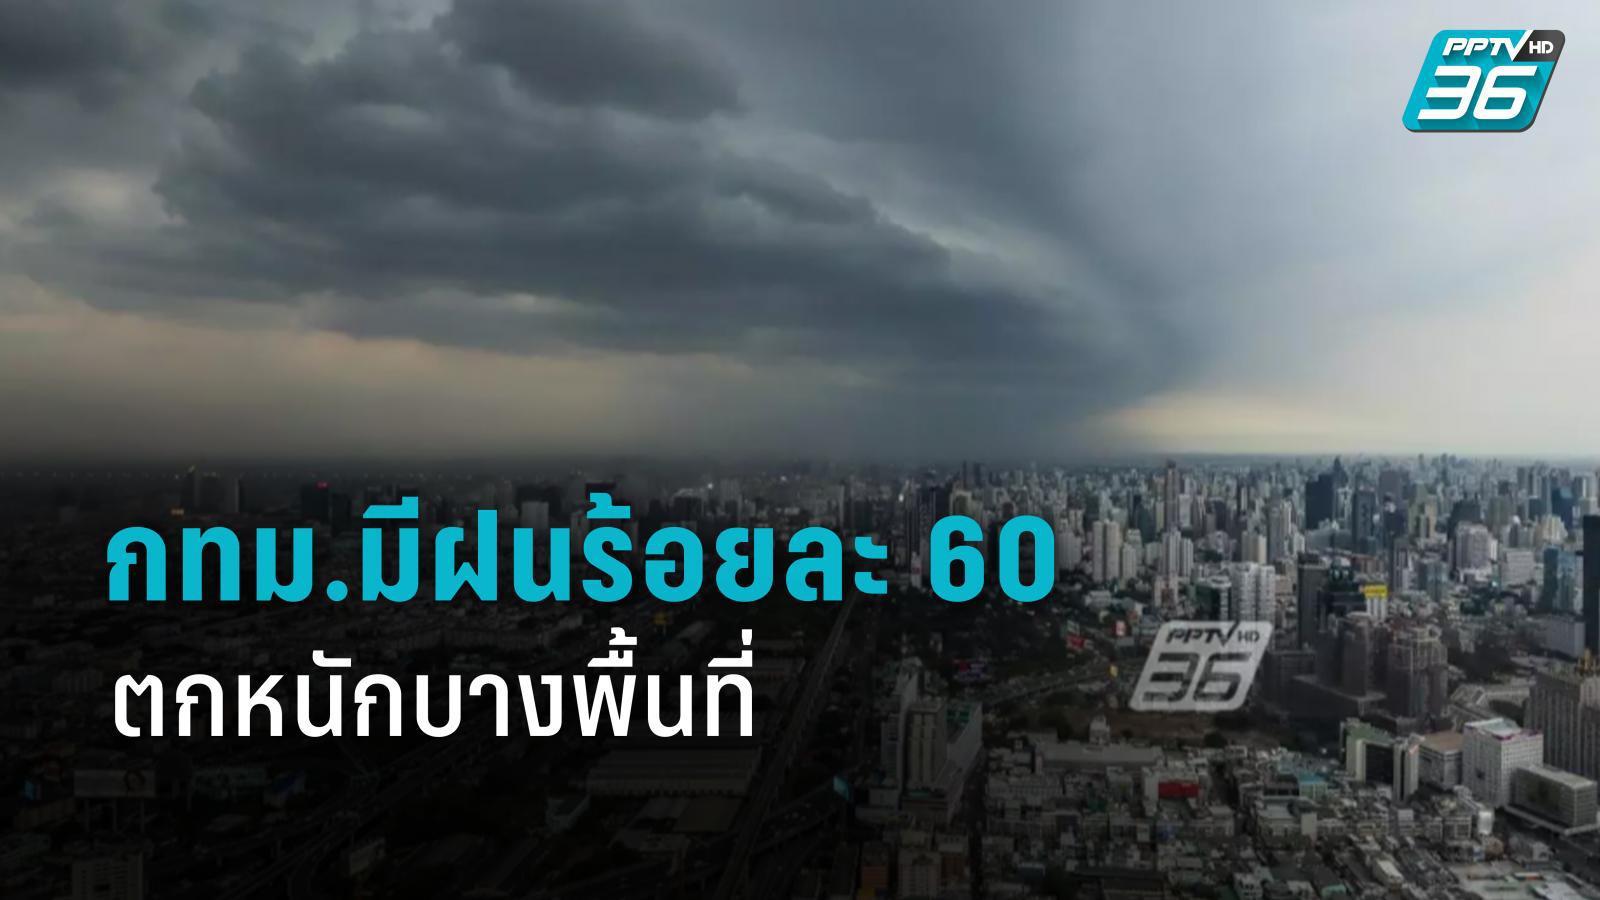 พยากรณ์อากาศ ไทยยังมีฝนตกหนักบางพื้นที่ กทม.มีฝนร้อยละ 60